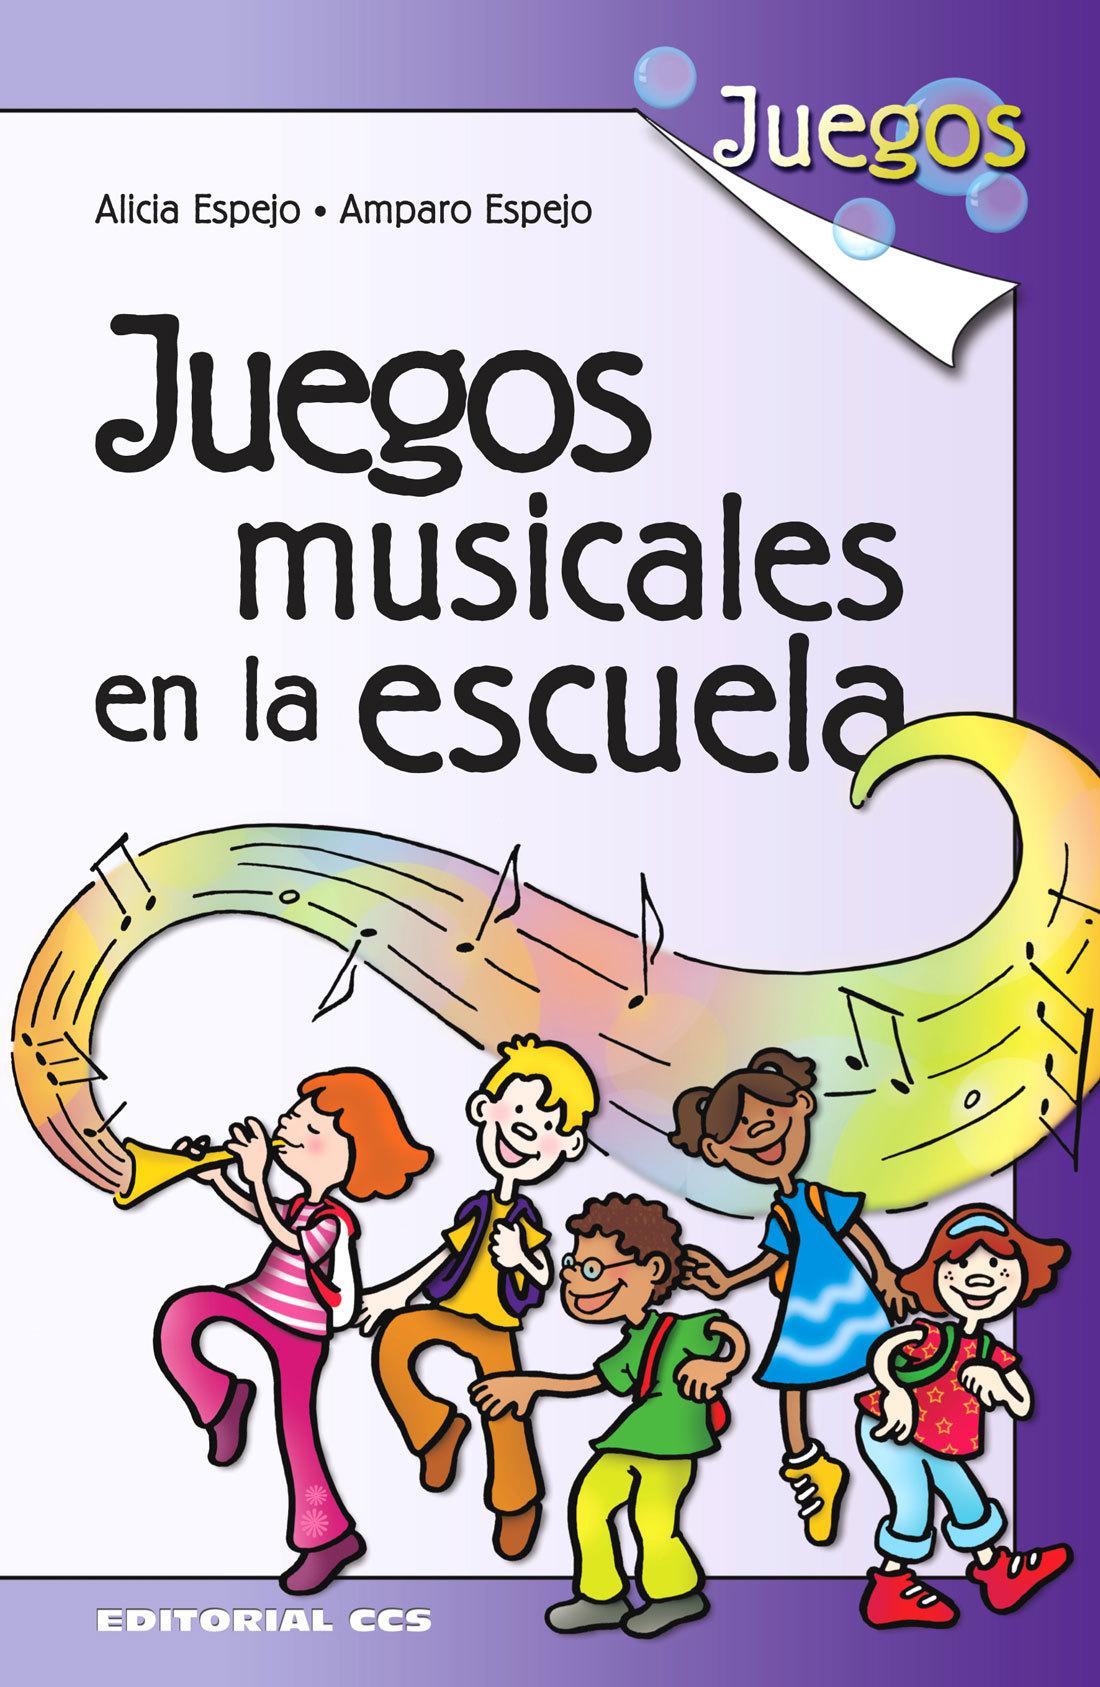 JUEGOS MUSICALES EN LA ESCUELA